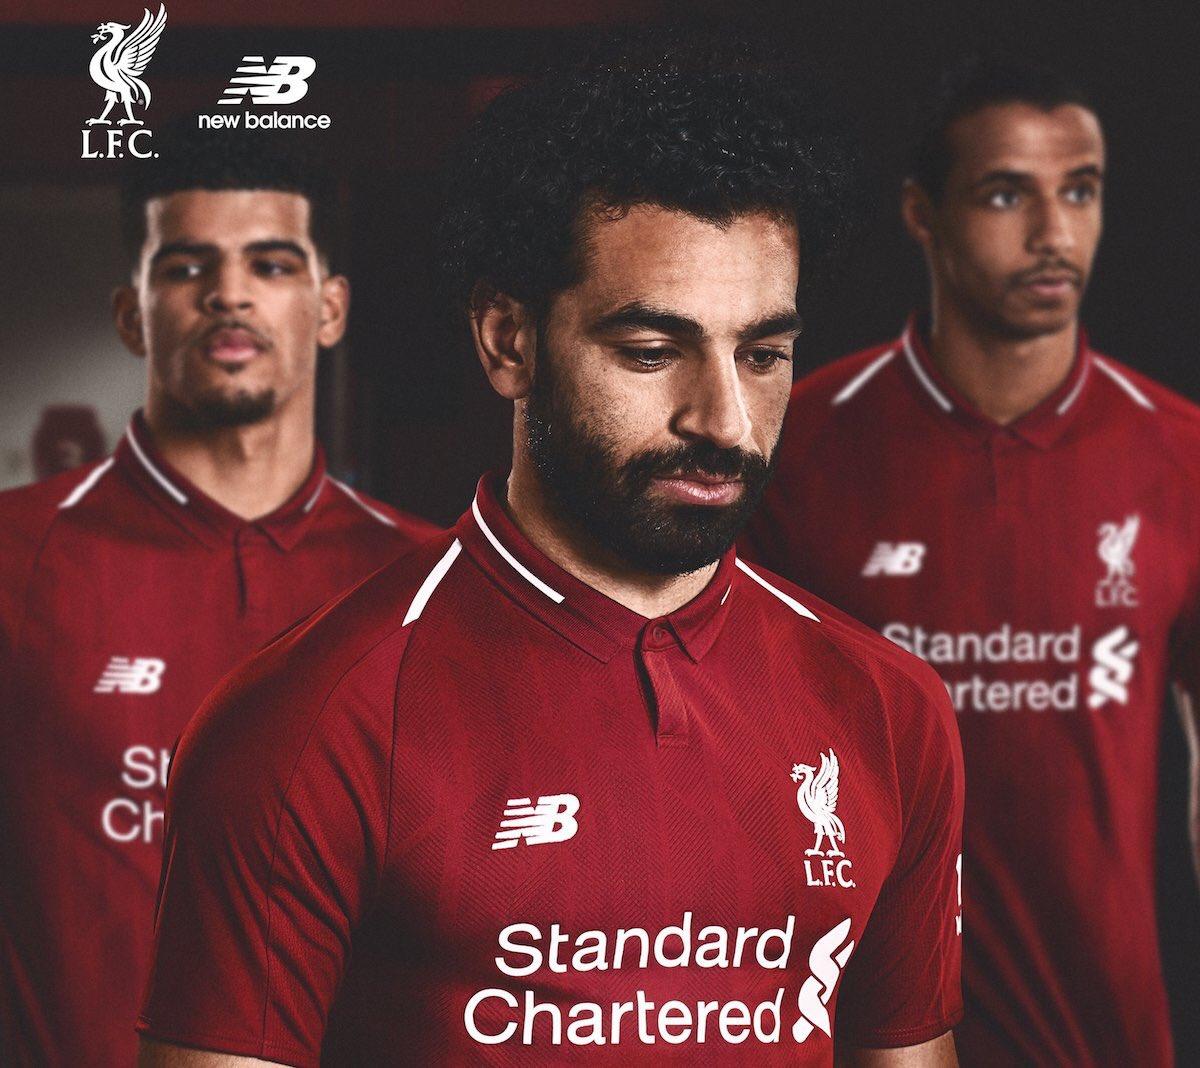 فيديو شاهد قميص ليفربول الجديد وتعرف على موعد ظهوره الأول أمام الجماهير